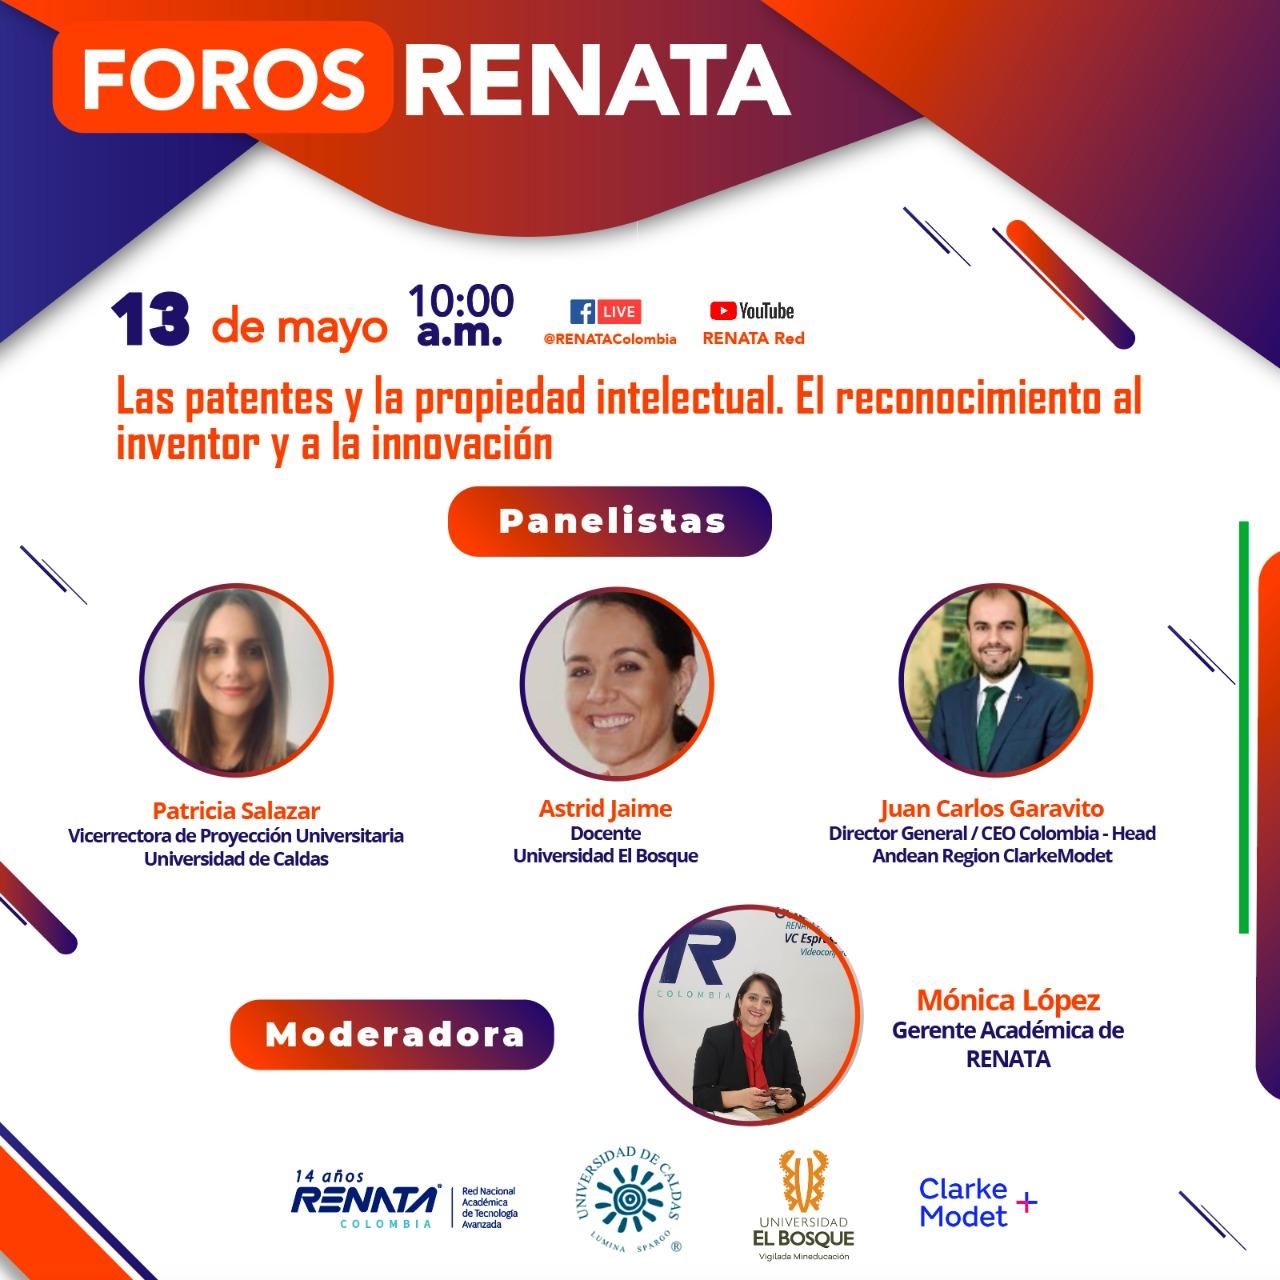 Foros RENATA: Las patentes y la propiedad intelectual. El reconocimiento al inventor y a la innovación